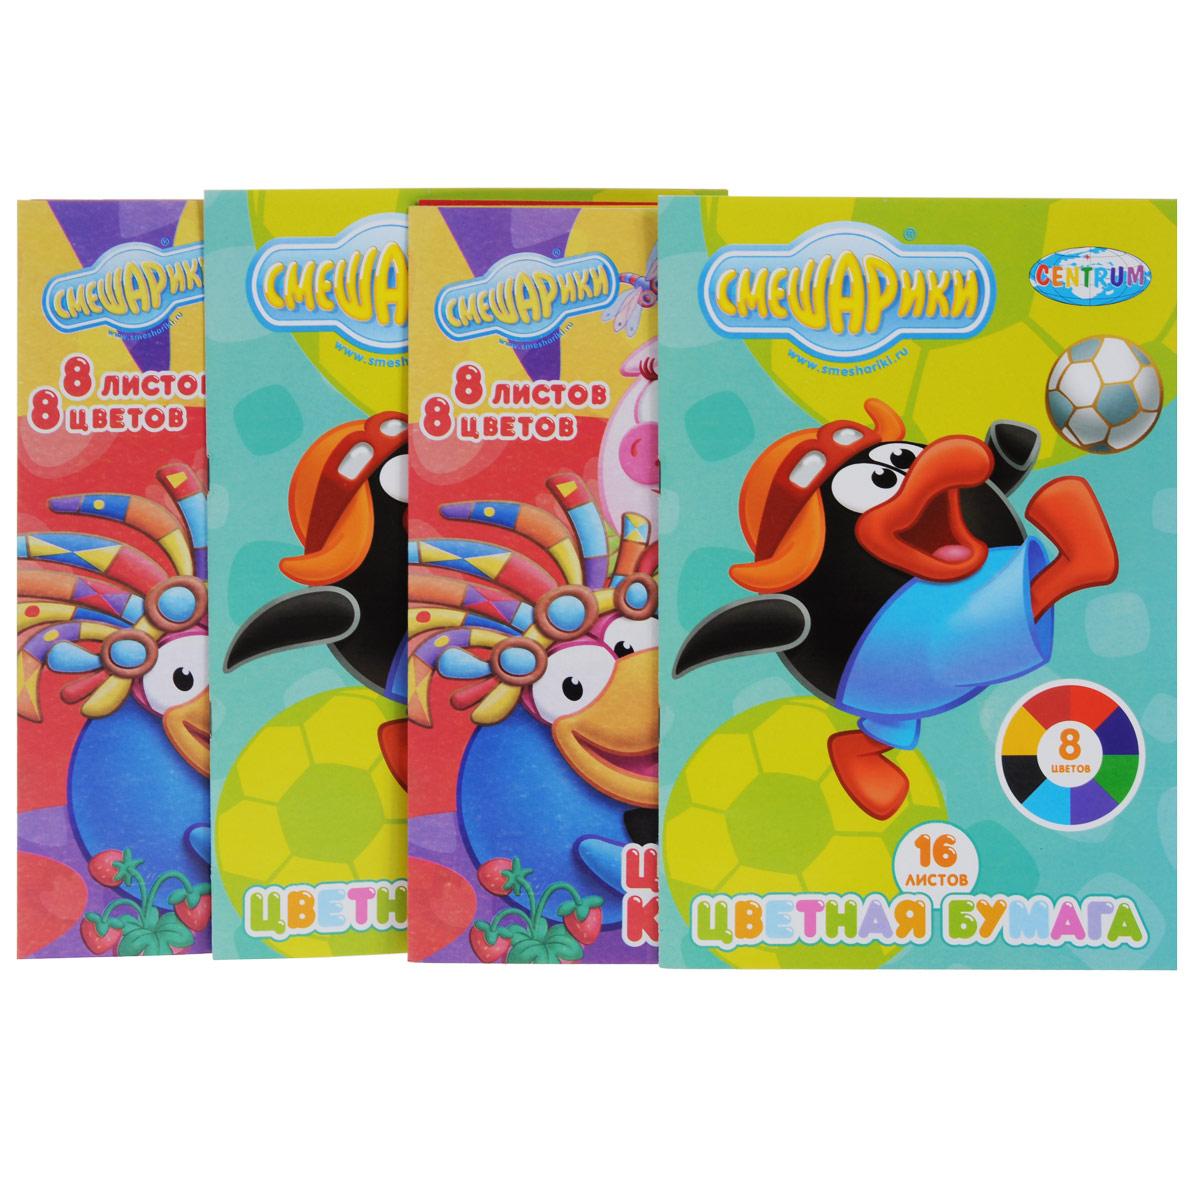 Набор для творчества Смешарики, №2, цветная бумага, цветной картон72523WDНабор для творчества Смешарики позволит вашему ребенку создавать всевозможные аппликации и поделки. В набор входят две упаковки с 8 листами цветного картона желтого, зеленого, голубого, красного, оранжевого, синего, коричневого и черного цветов и две упаковки цветной бумаги с листами желтого, зеленого, синего, малинового, оранжевого, темно-синего, коричневого и черного цветов (по 2 листа каждого цвета). Упаковки представляют собой картонные папки, оформленные изображениями персонажей популярного мультсериала Смешарики. Работа с набором для творчества Смешарики развивает мелкую моторику, усидчивость, внимание, фантазию и творческие способности. С таким богатым материалом ваш ребенок сможет заниматься творчеством круглый год!